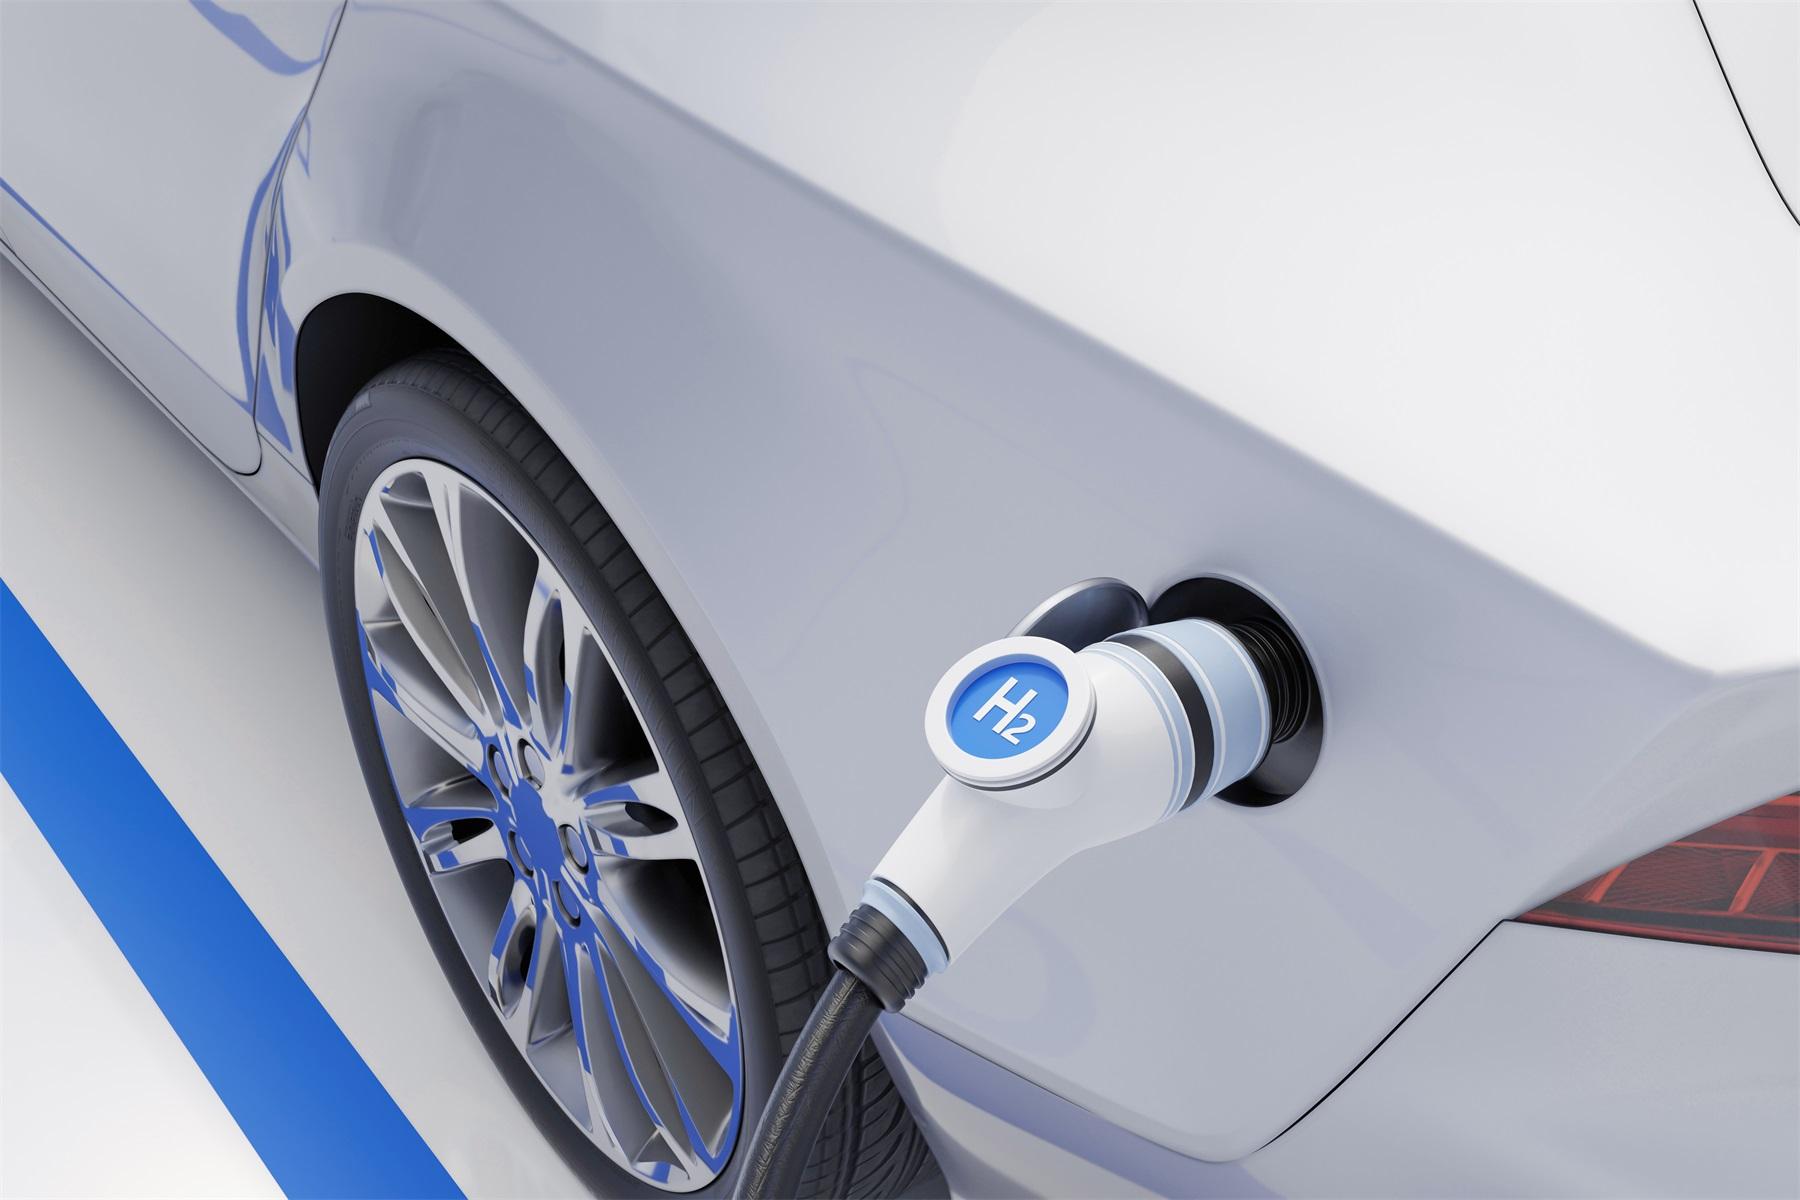 19款高清新能源汽车充电桩充电站汽车充电JPG图片设计素材 Charging Pile Picture插图9